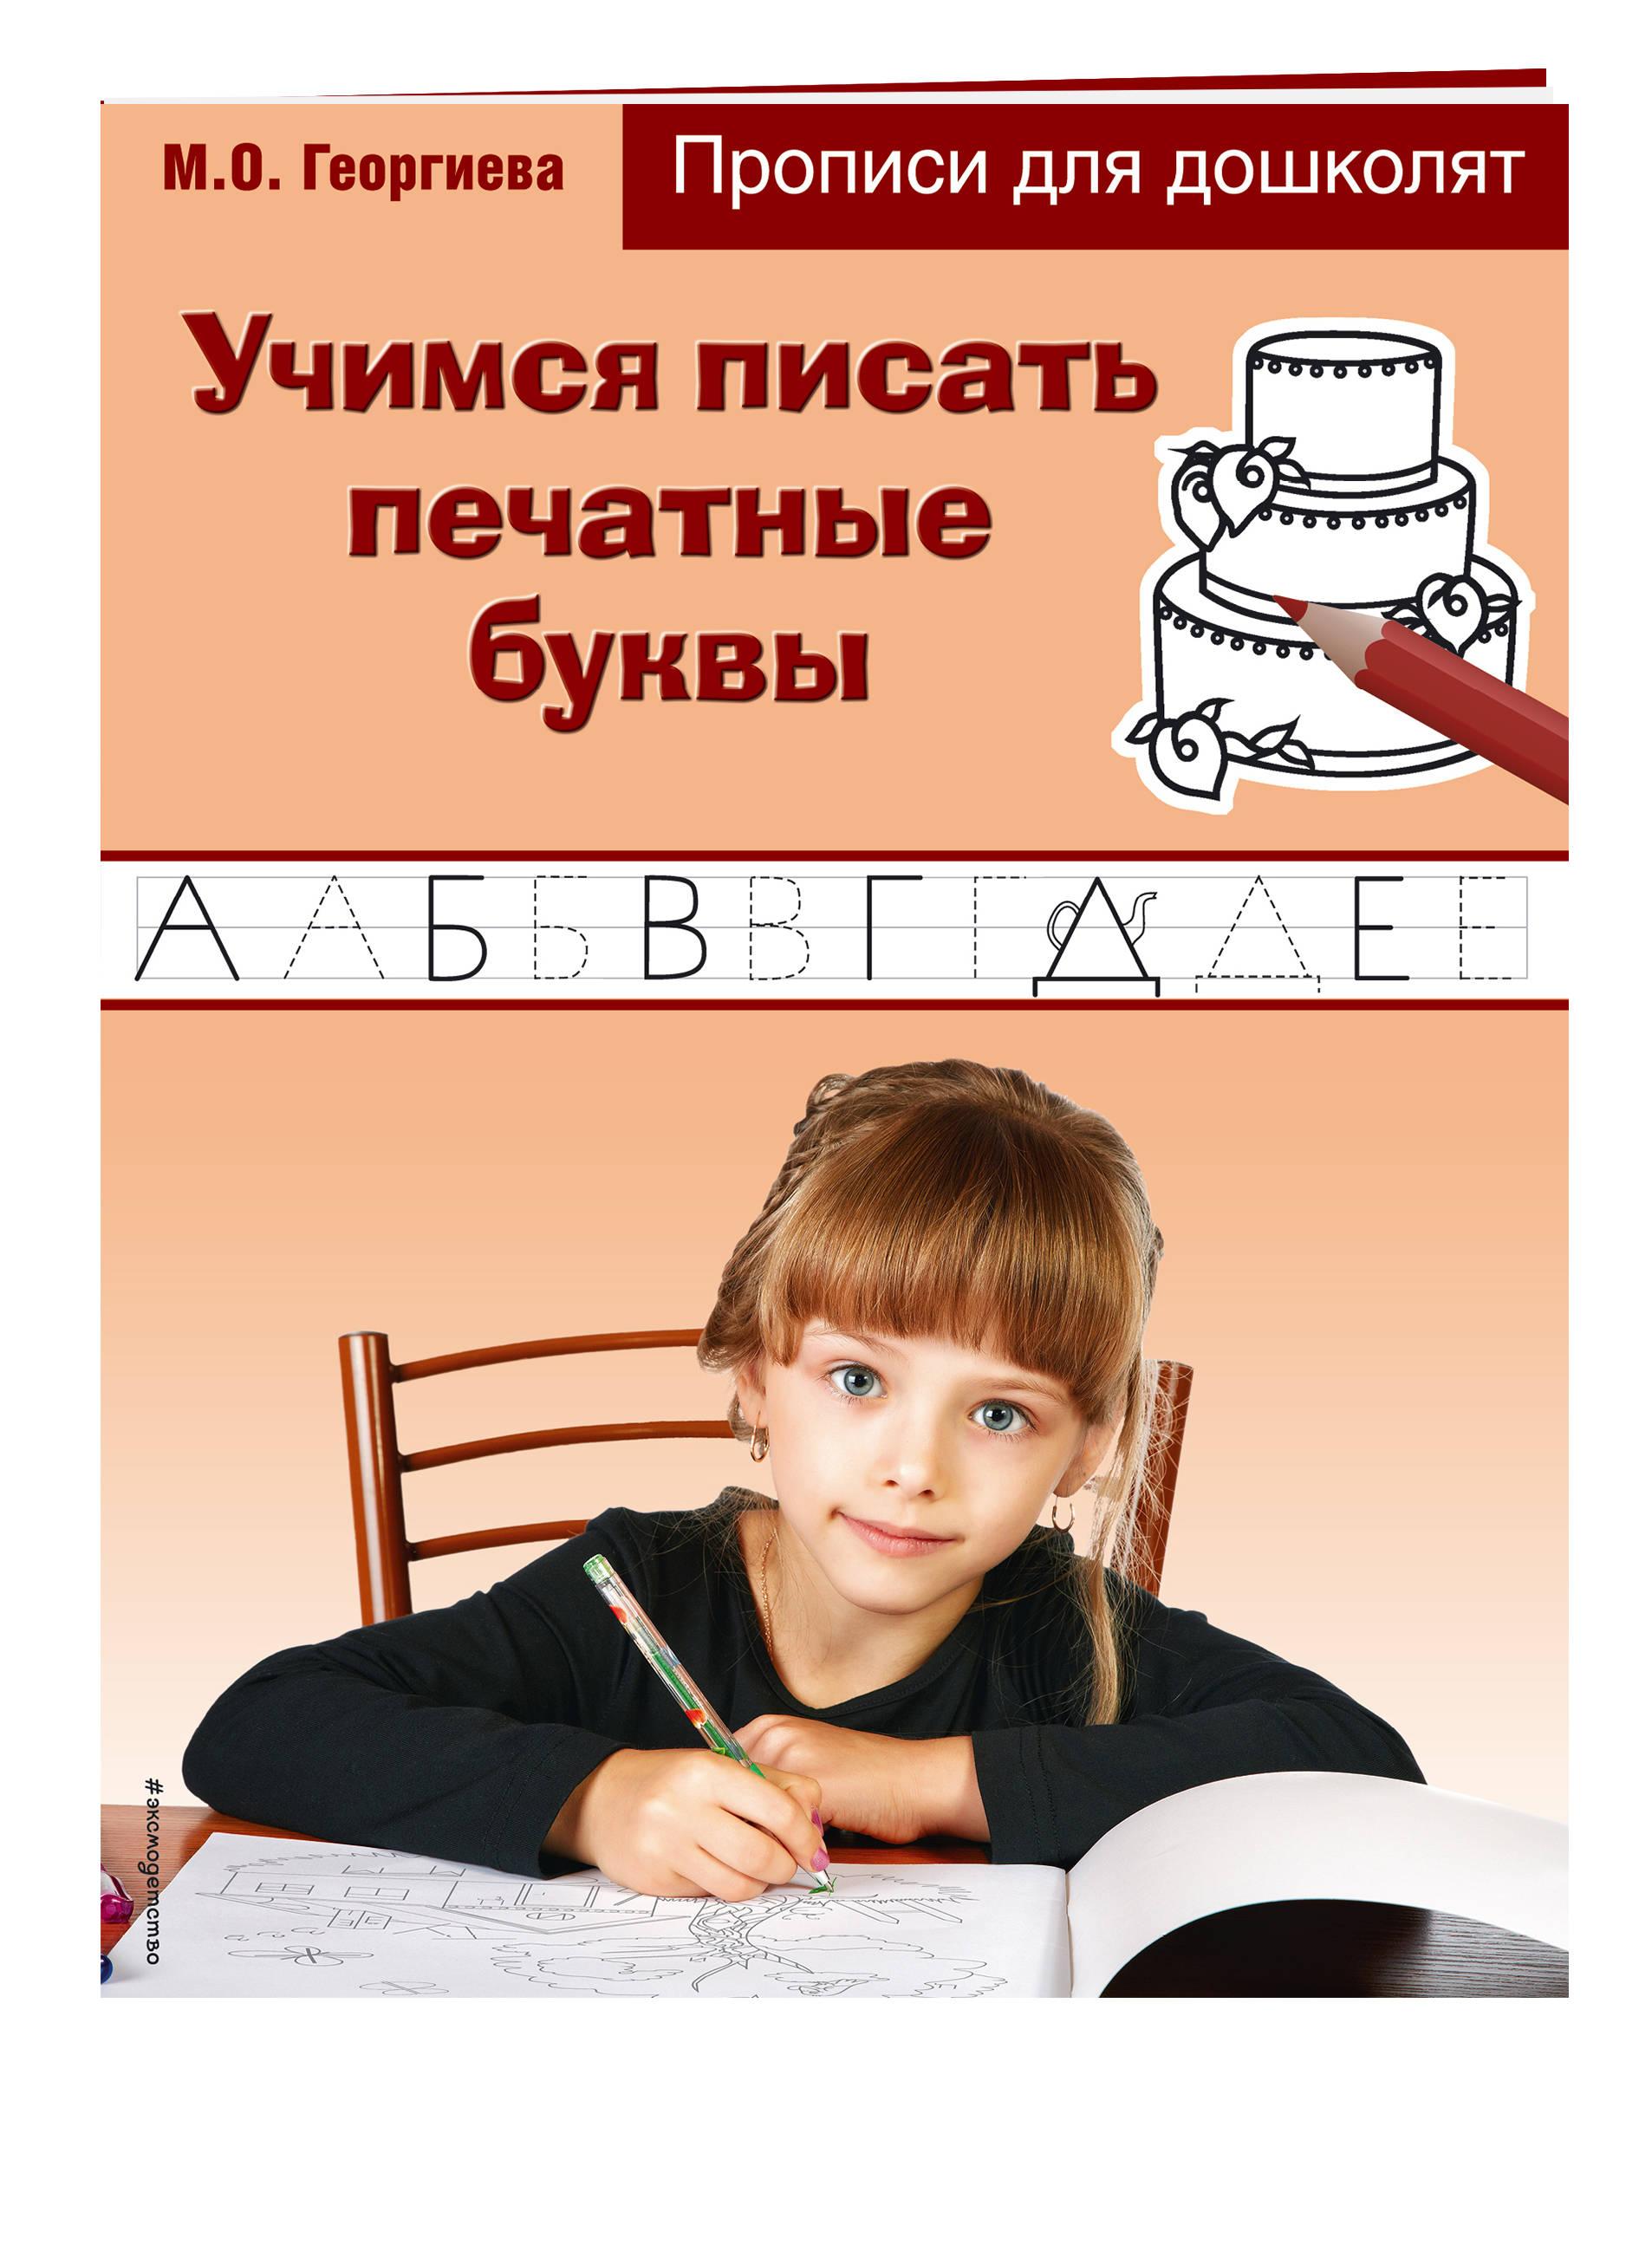 Георгиева М.О. Учимся писать печатные буквы